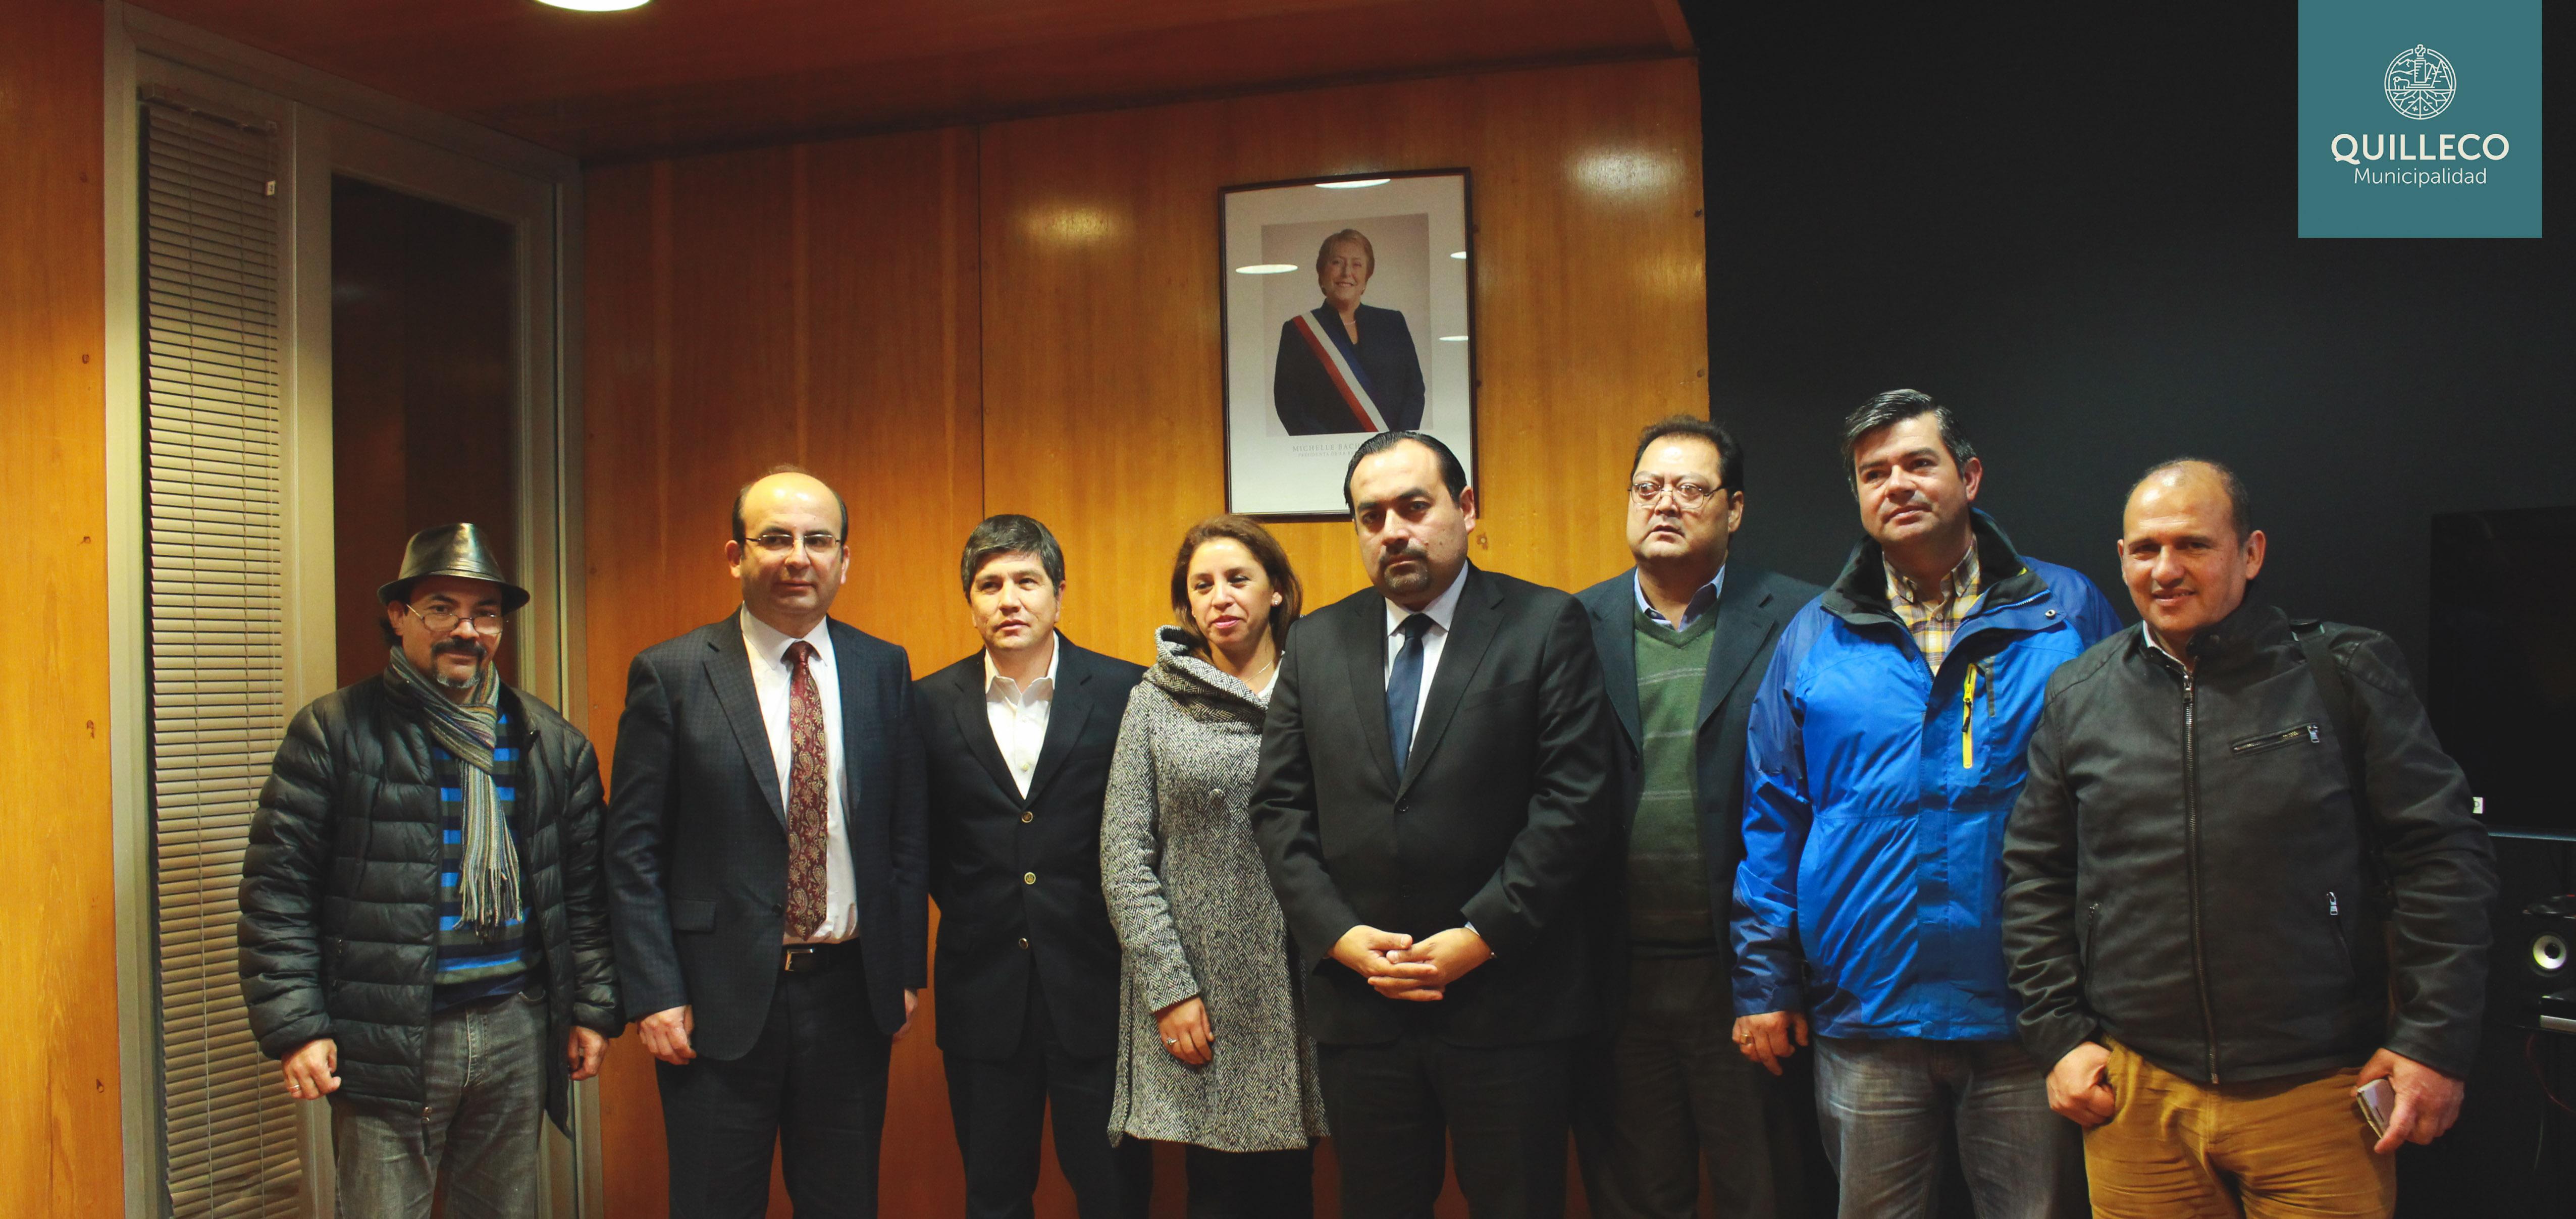 Positiva reunión con Intendente deja en posición privilegia a proyectos clave para el desarrollo comunal.